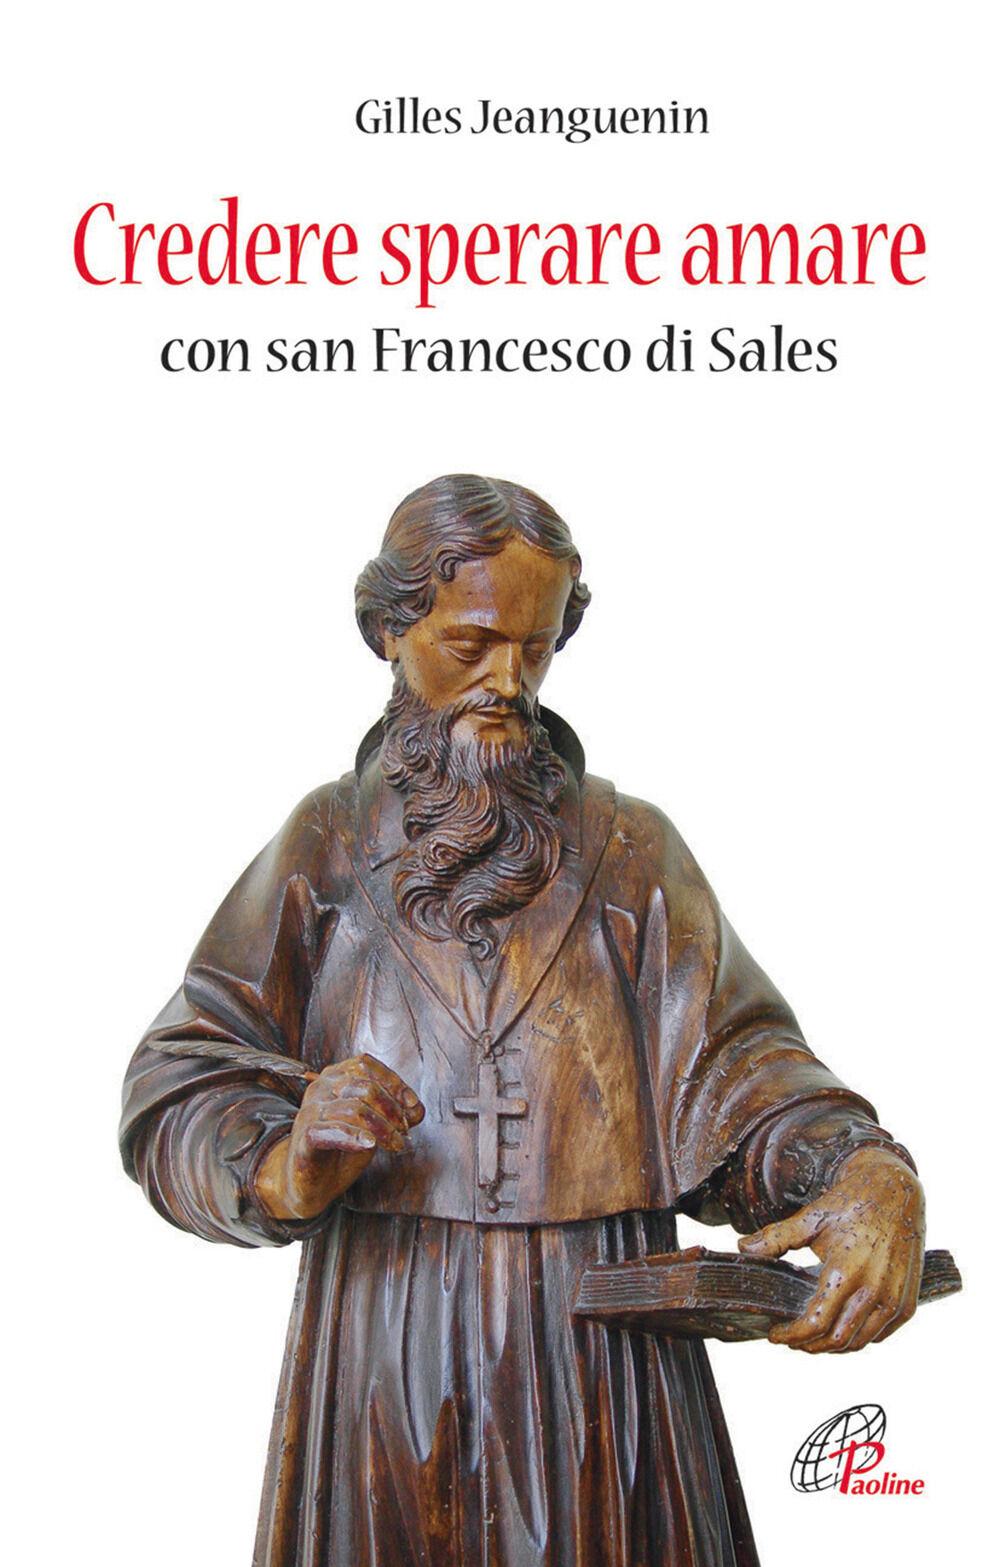 Credere sperare amare con San Francesco di Sales